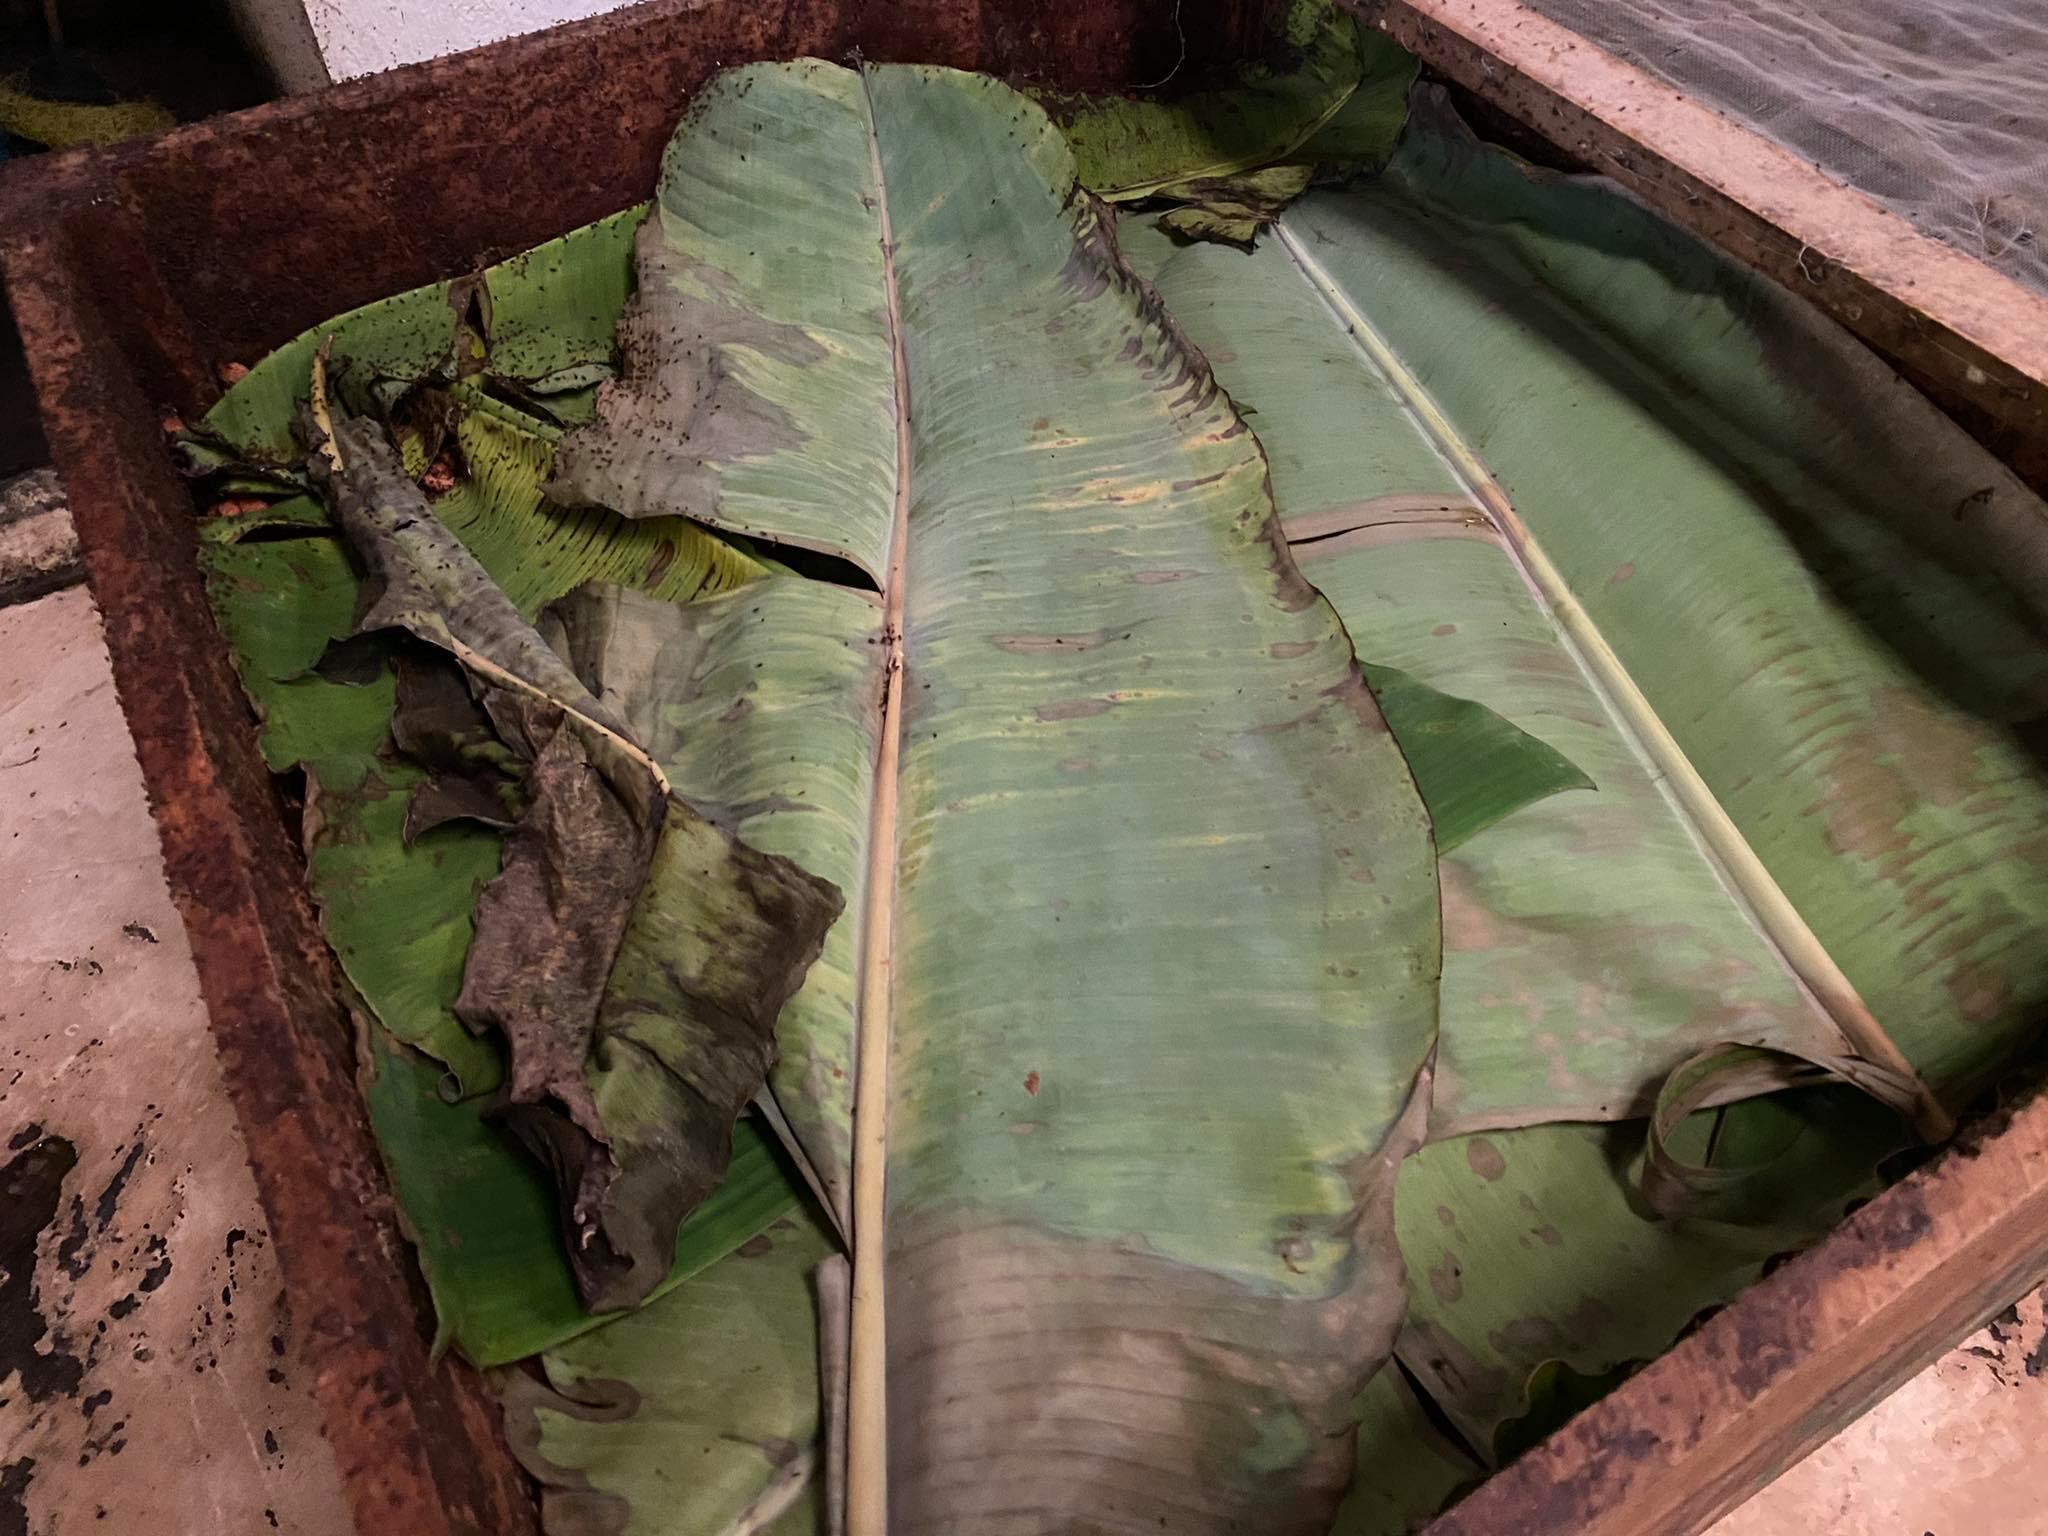 fermentacja pod liśćmi bananowca